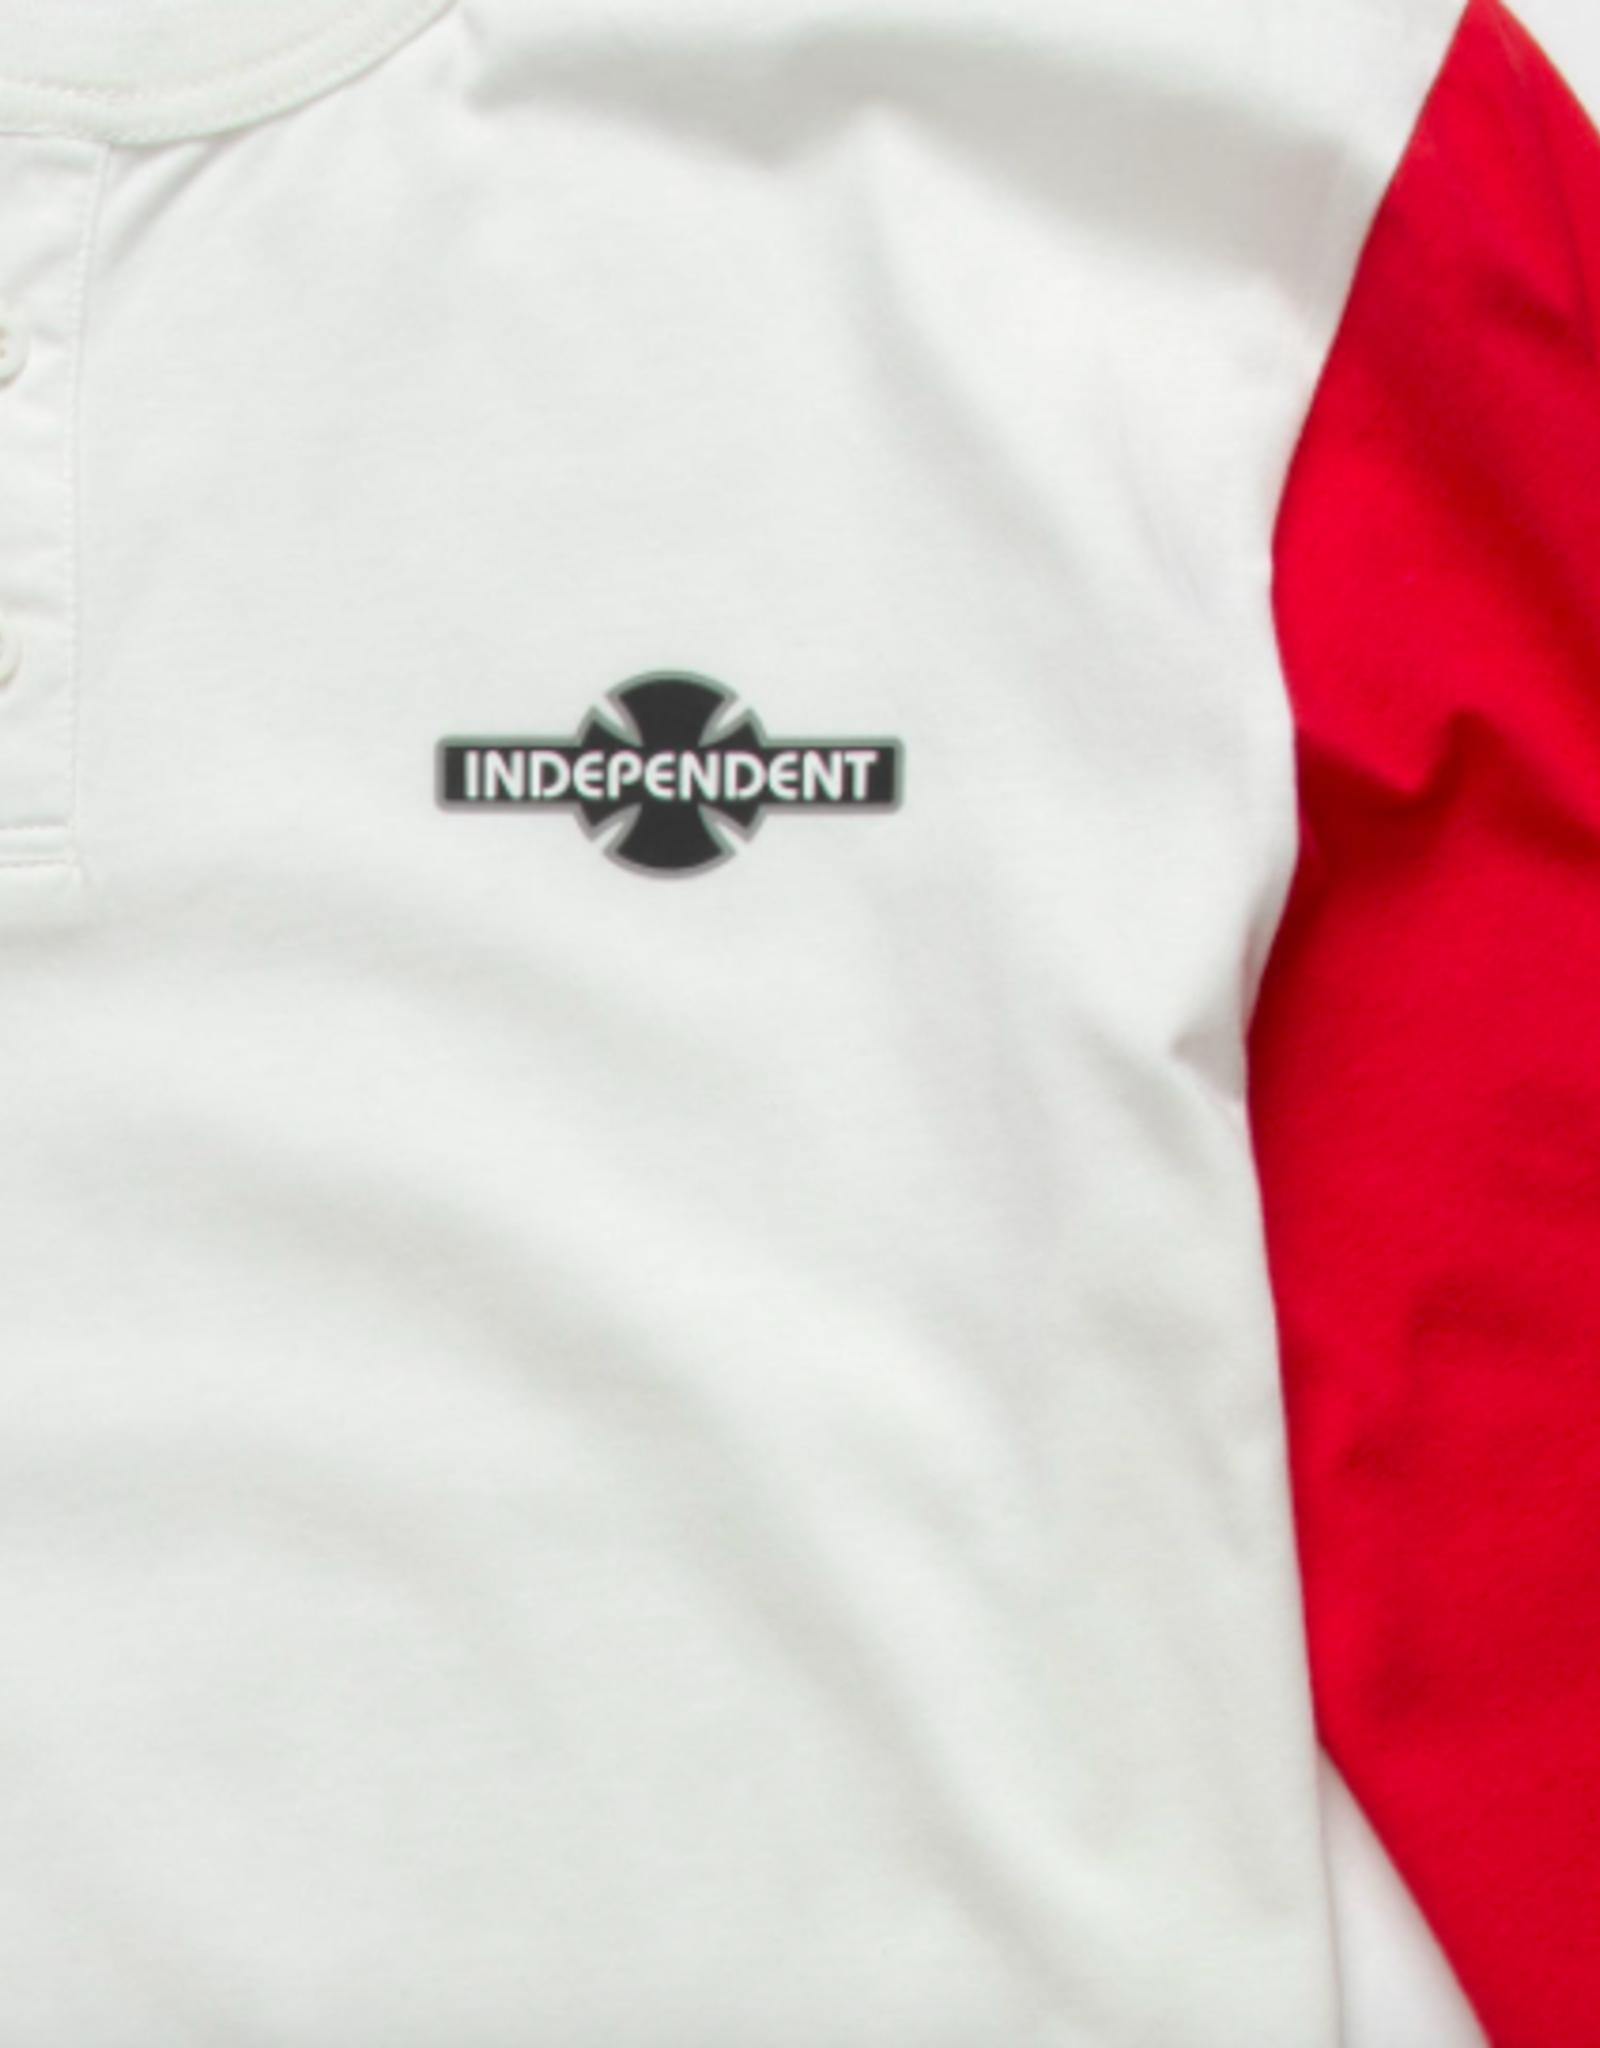 Independent Men's O.G.B.C. 3/4 Sleeve Tee